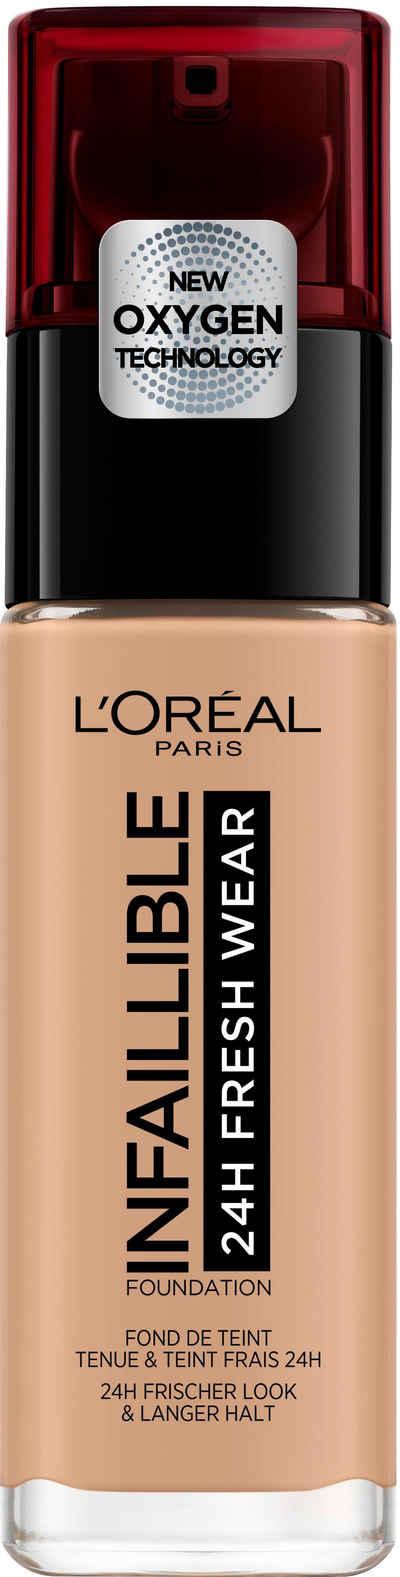 L'ORÉAL PARIS Foundation »Infaillible 24H Fresh Wear Make-up«